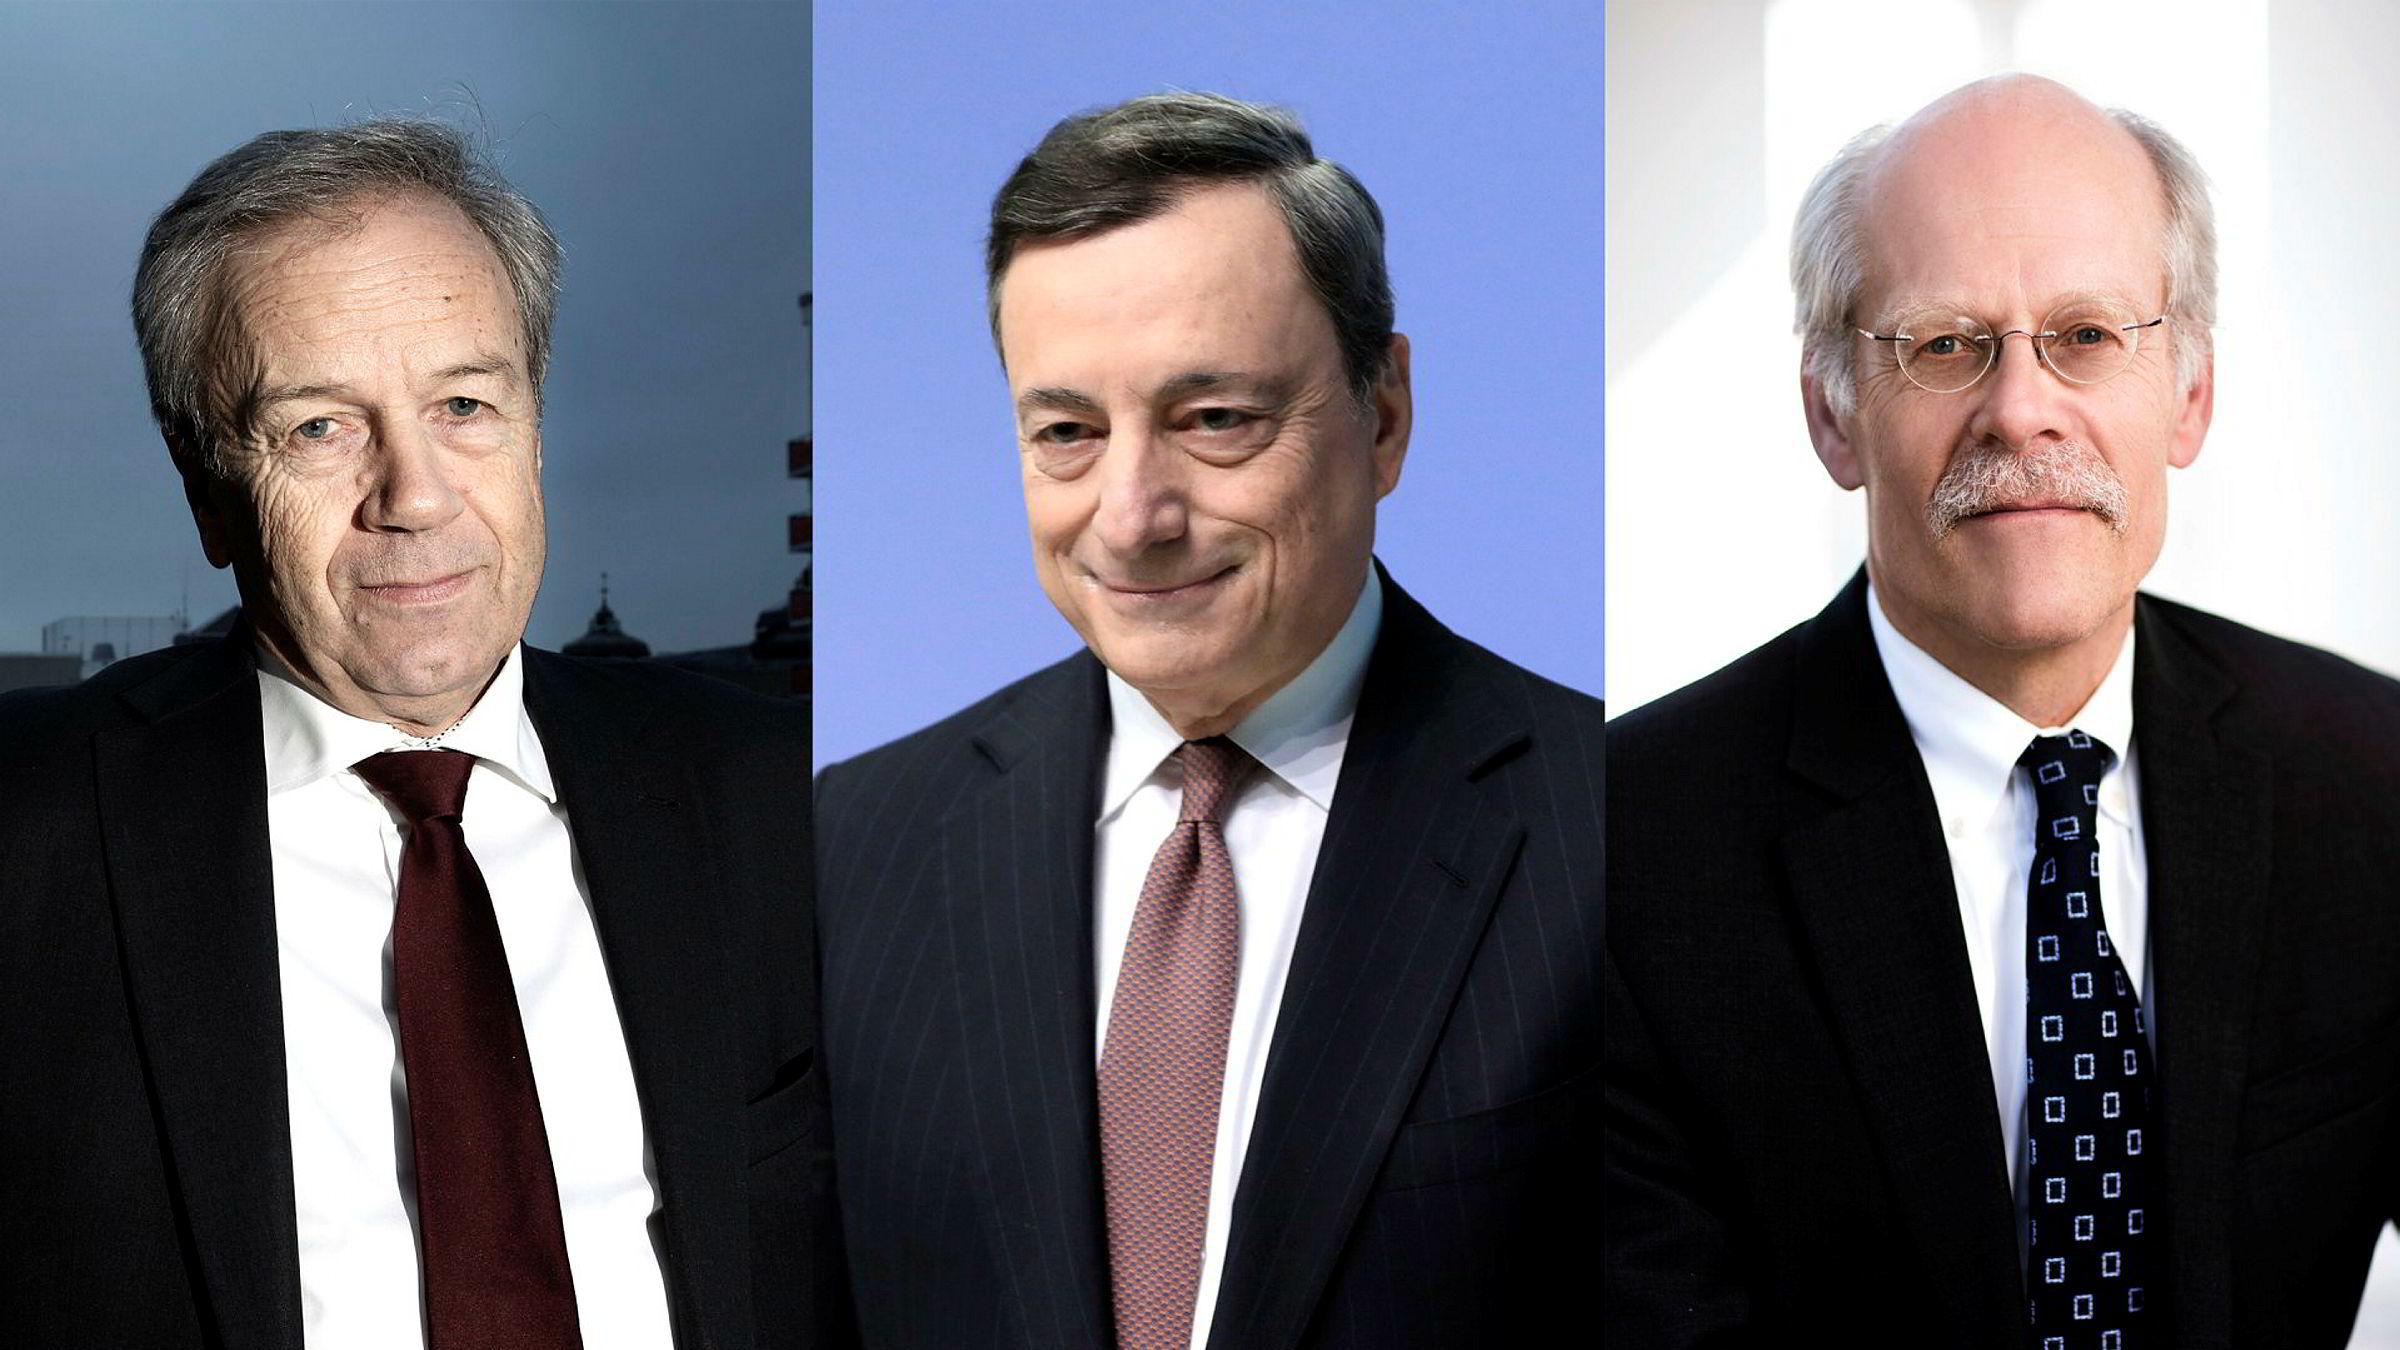 Rentebeskjedene fra sentralbanksjef Øystein Olsen i Norges Bank, sentralbanksjef Mario Draghi i ECB og sentralbanksjef Stefan Ingves i Riksbanken kommer alle i løpet av et kort tidsrom torsdag. Analytikerne tror én av dem kommer til å stikke av med mesteparten av oppmerksomheten.